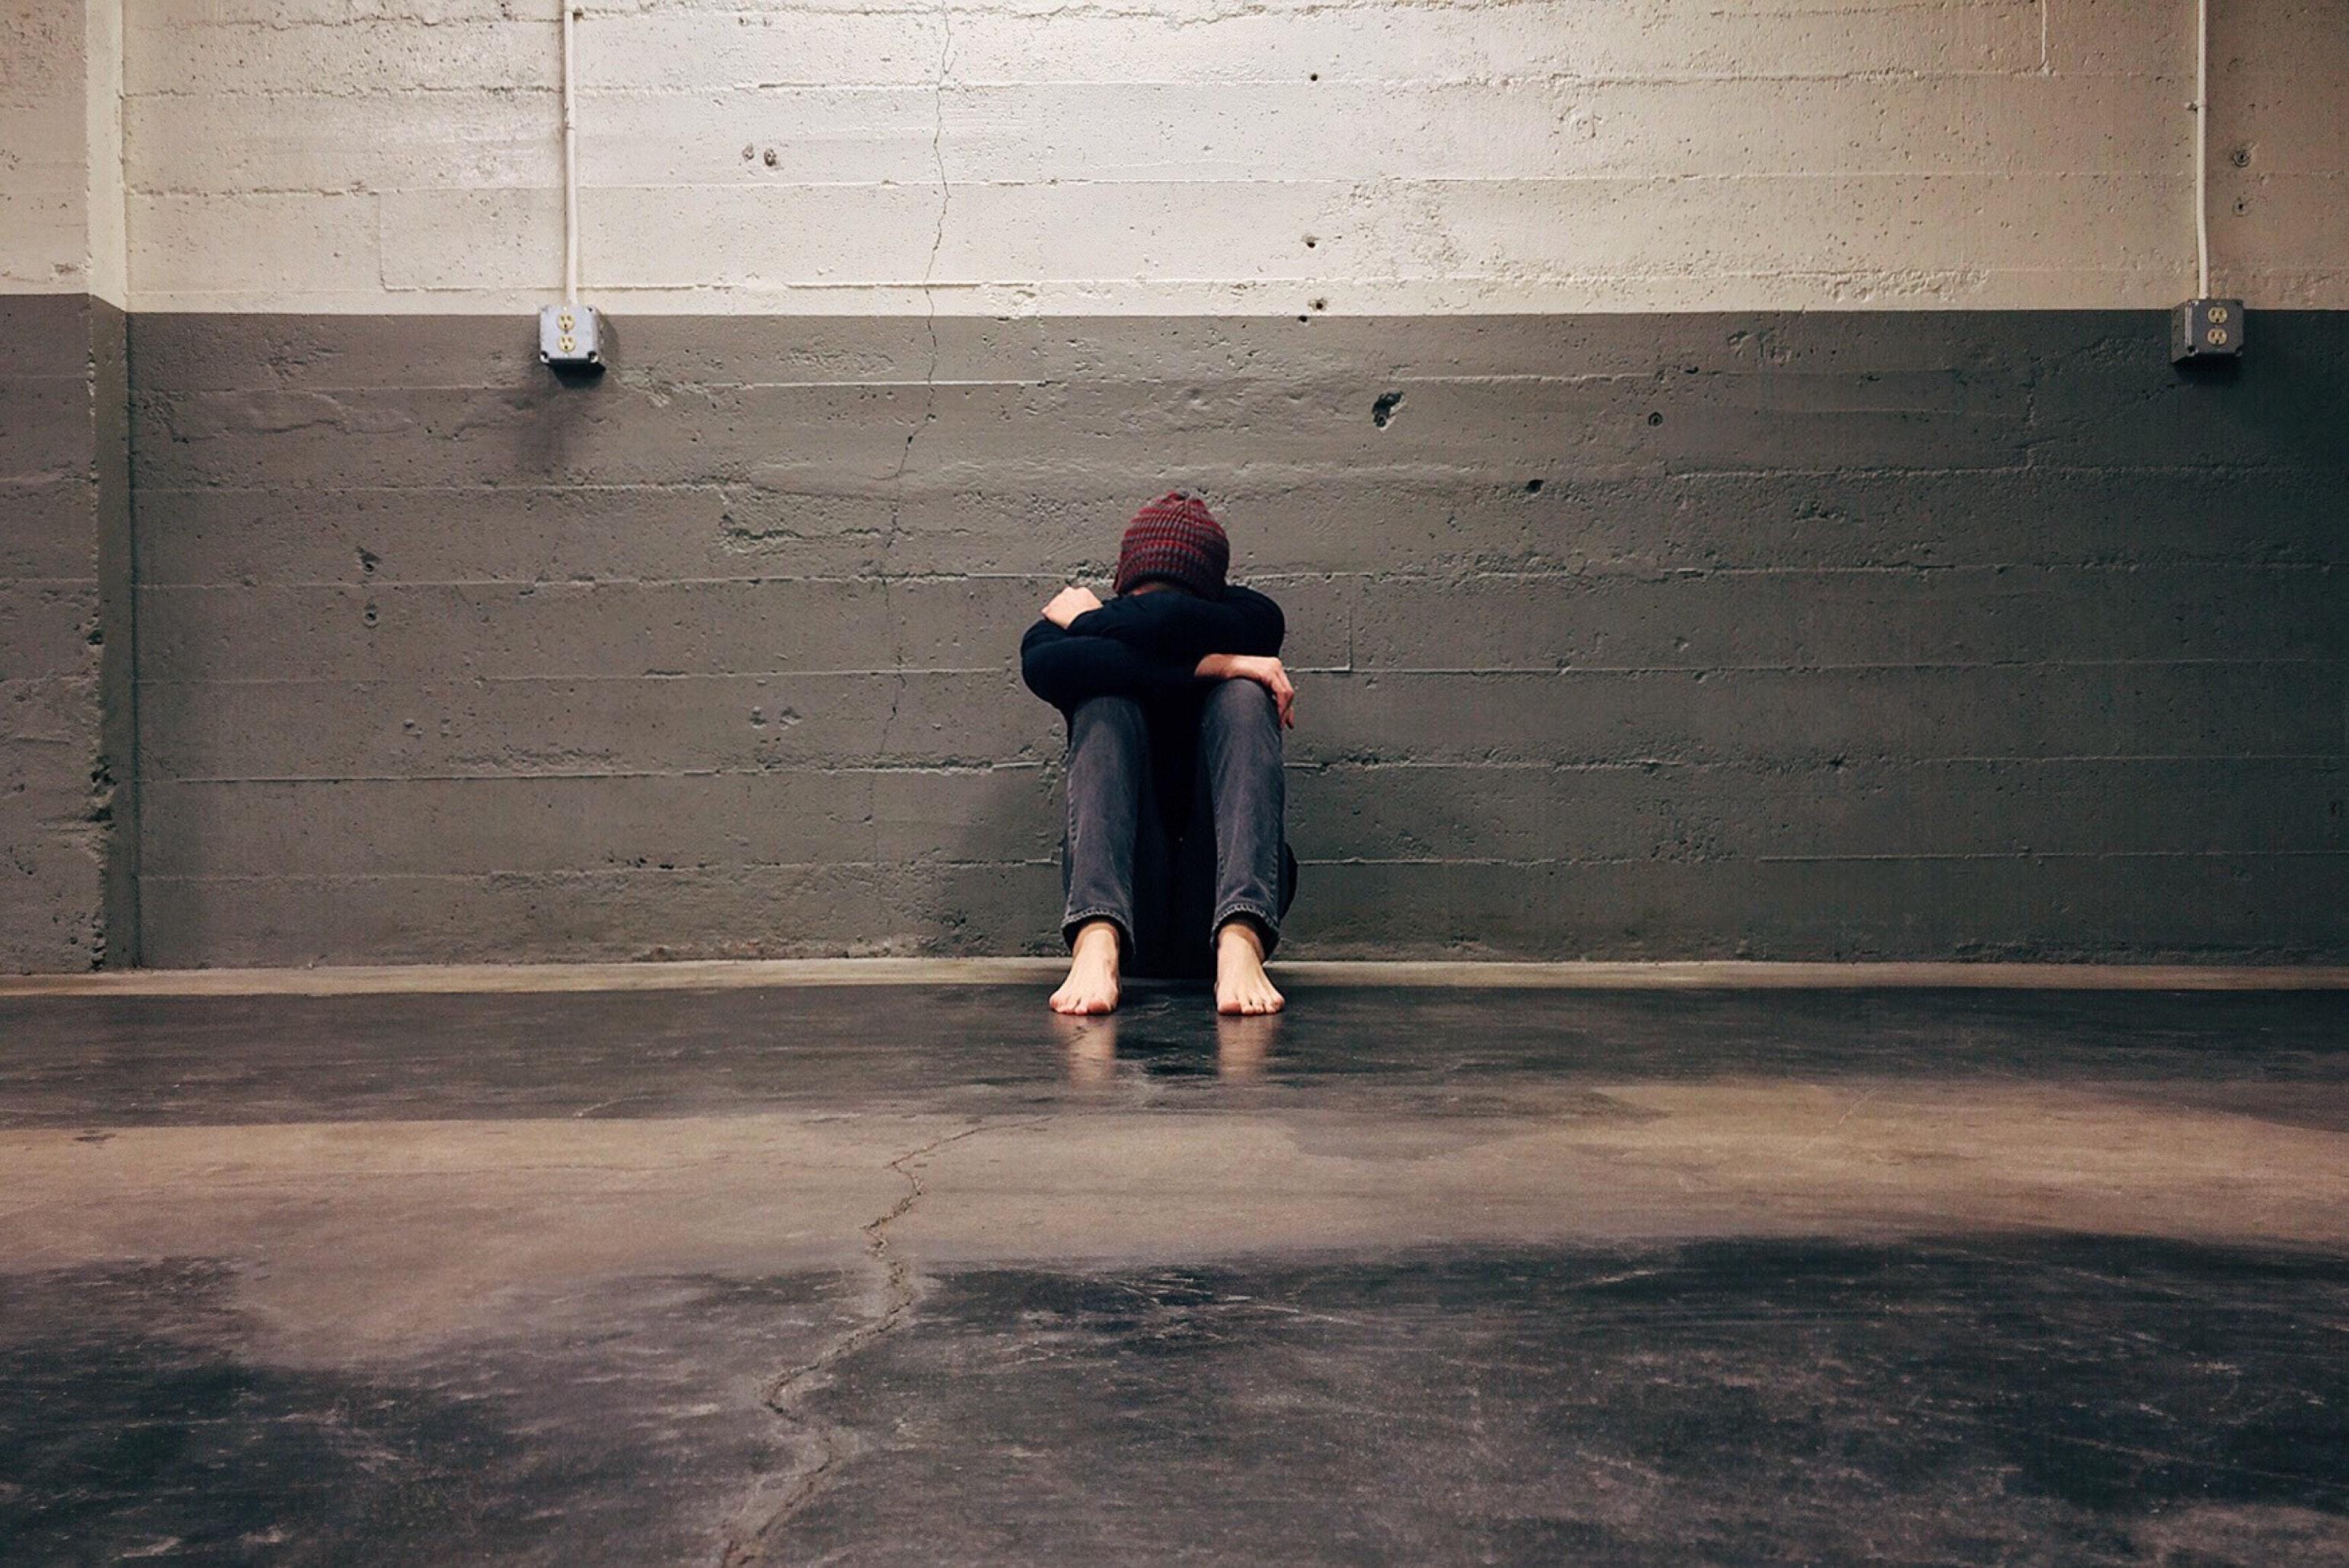 Hình ảnh buồn cô đơn đẹp tuyệt vời